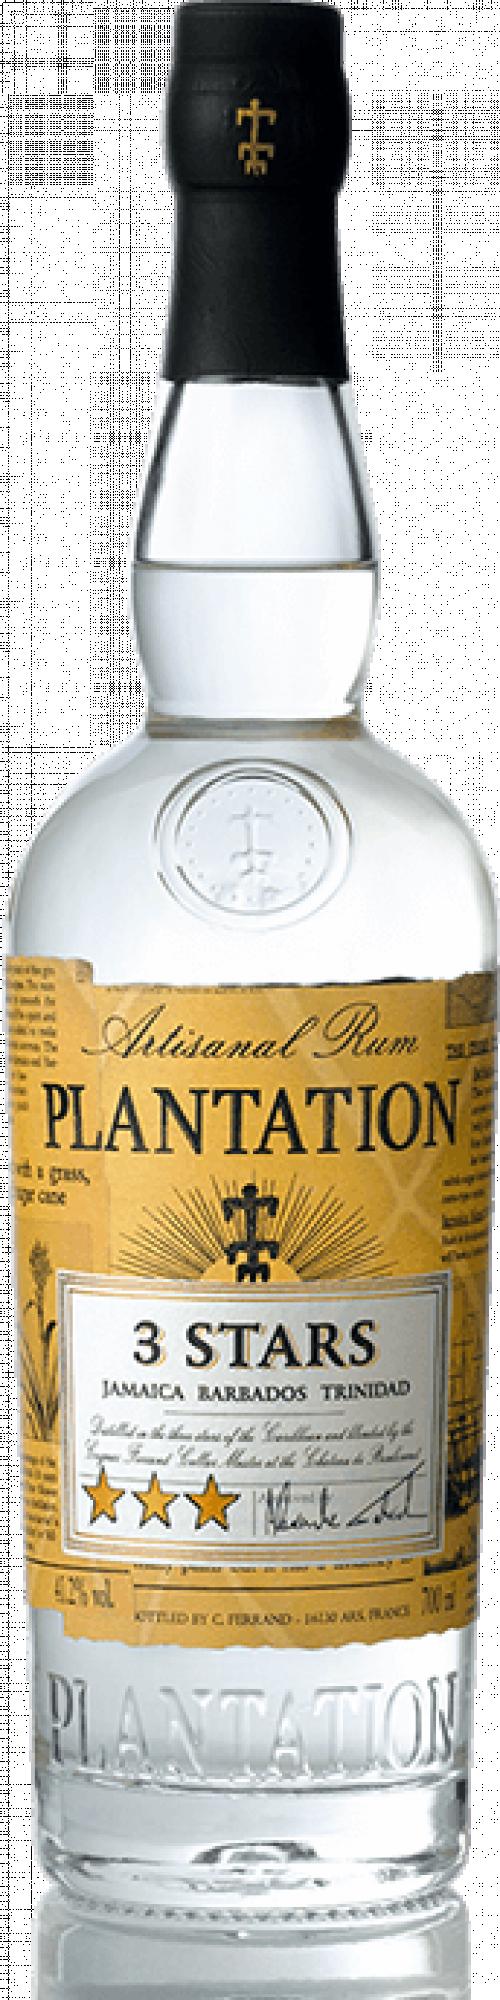 Plantation 3 Stars White Rum 1L